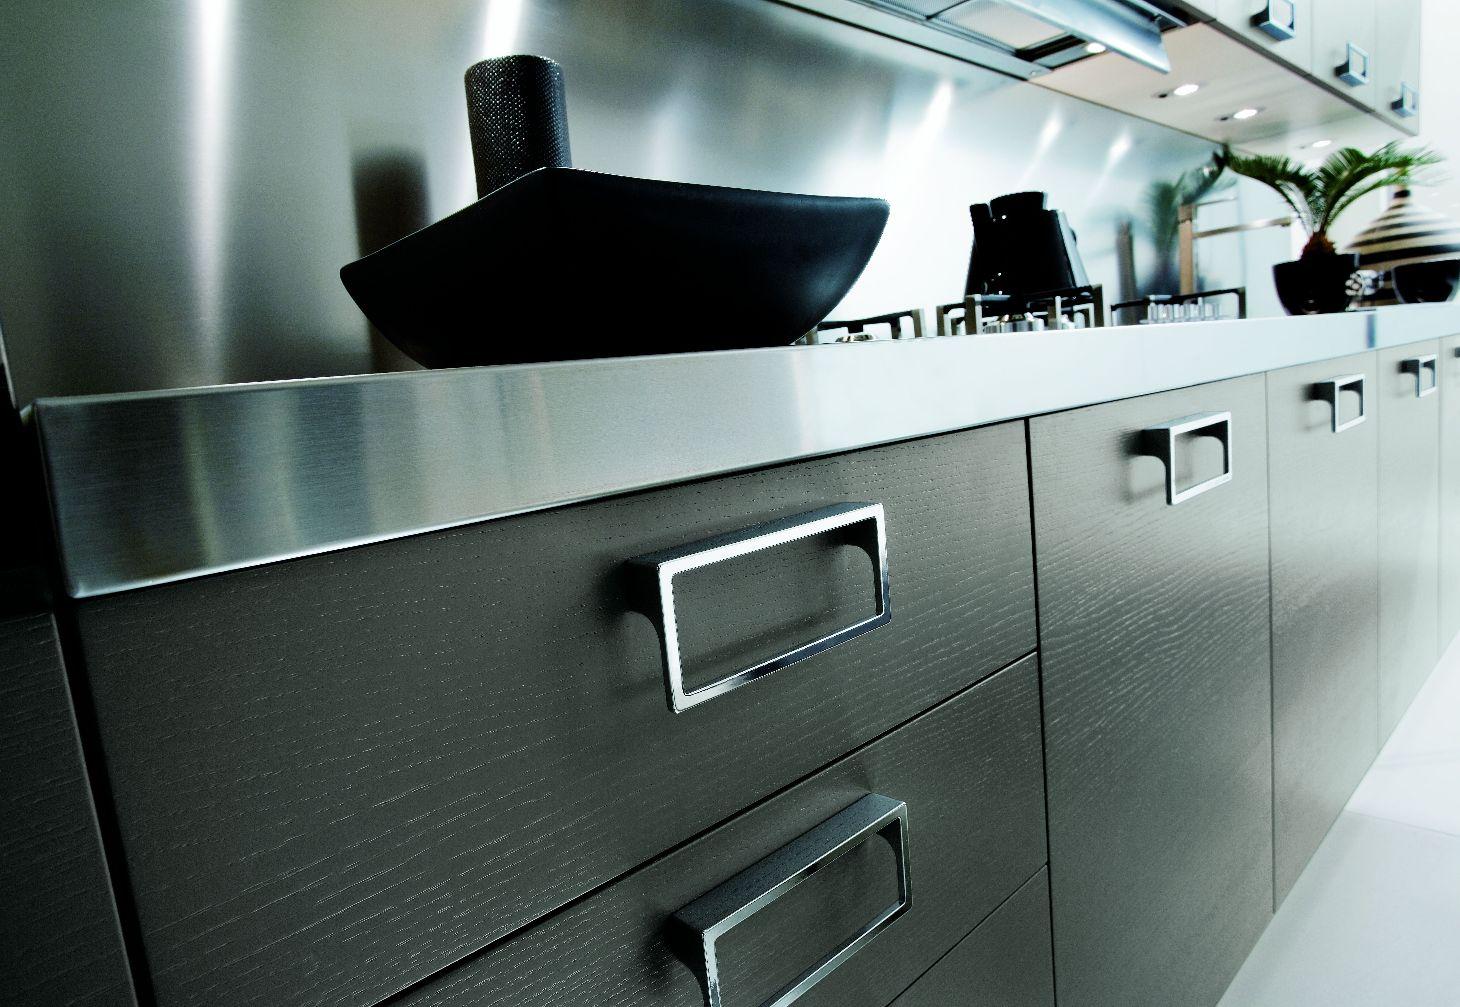 Modele Cuisine Noir Et Gris : Poignées design et façades bois noir